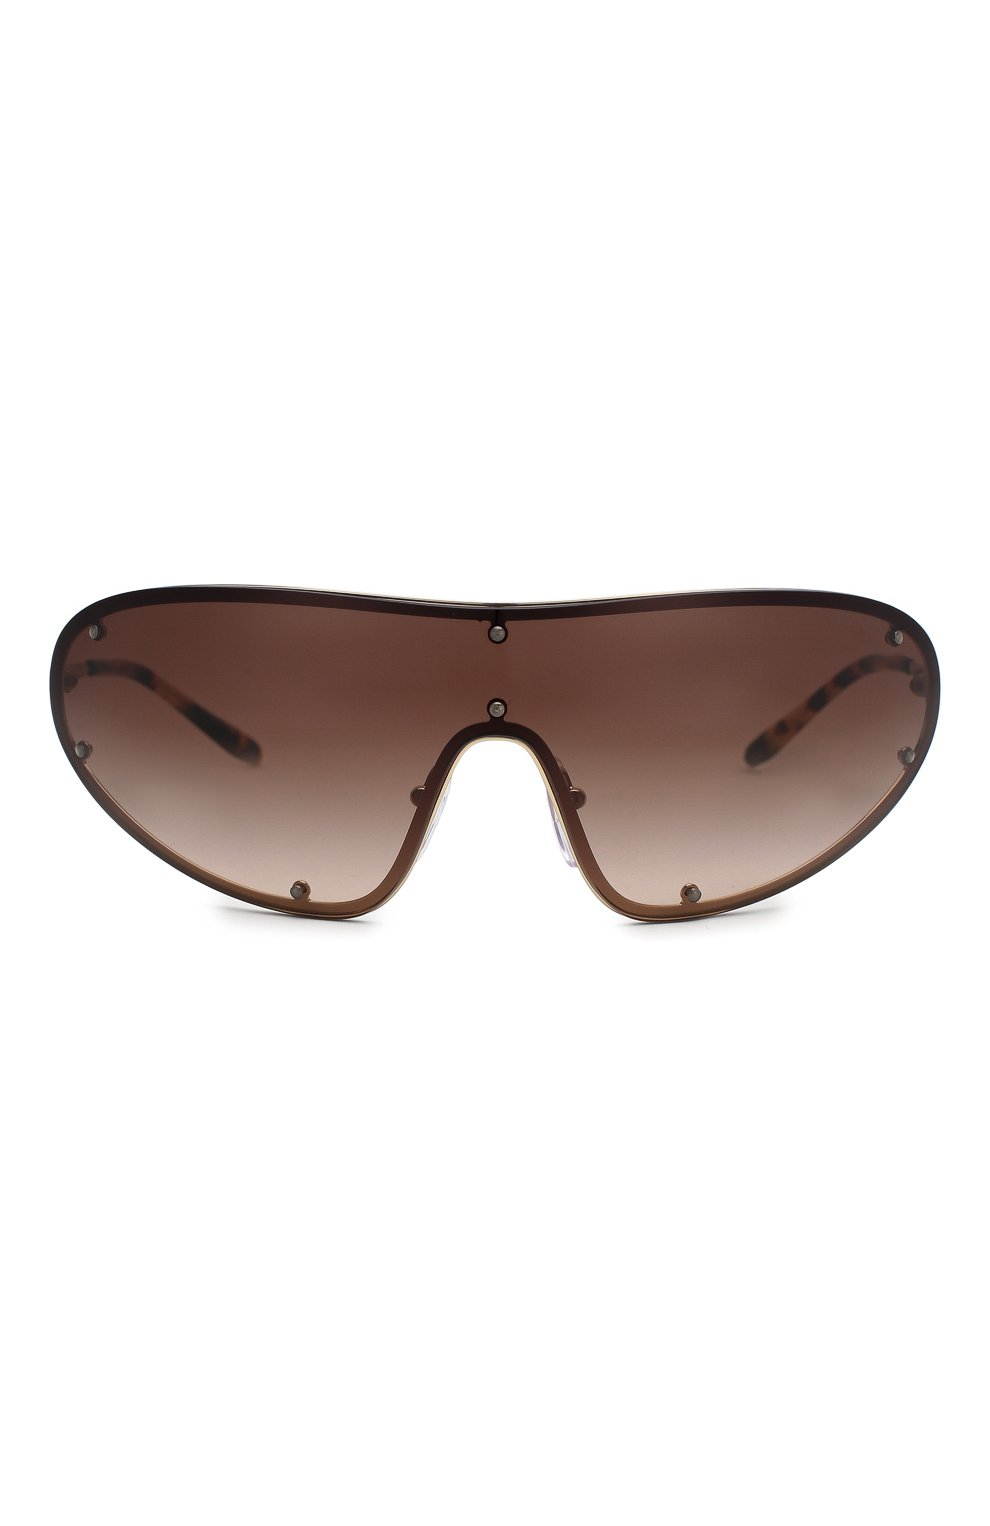 Женские солнцезащитные очки PRADA коричневого цвета, арт. 73VS-ZVN6S1 | Фото 3